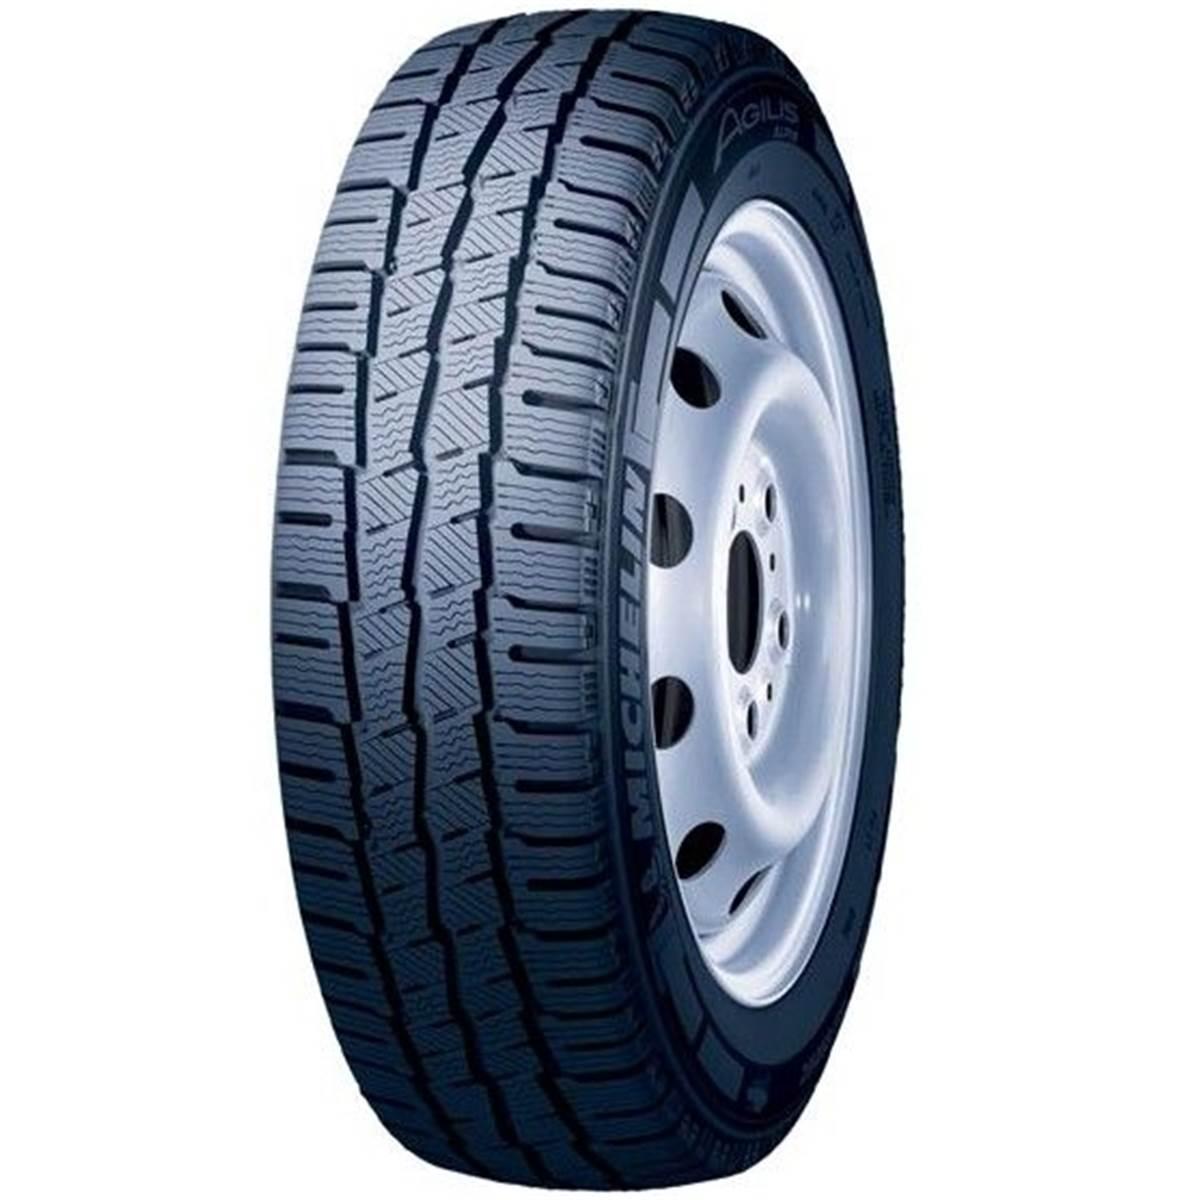 Pneu Camionnette Hiver Michelin 215/60R17 109T Agilis Alpin